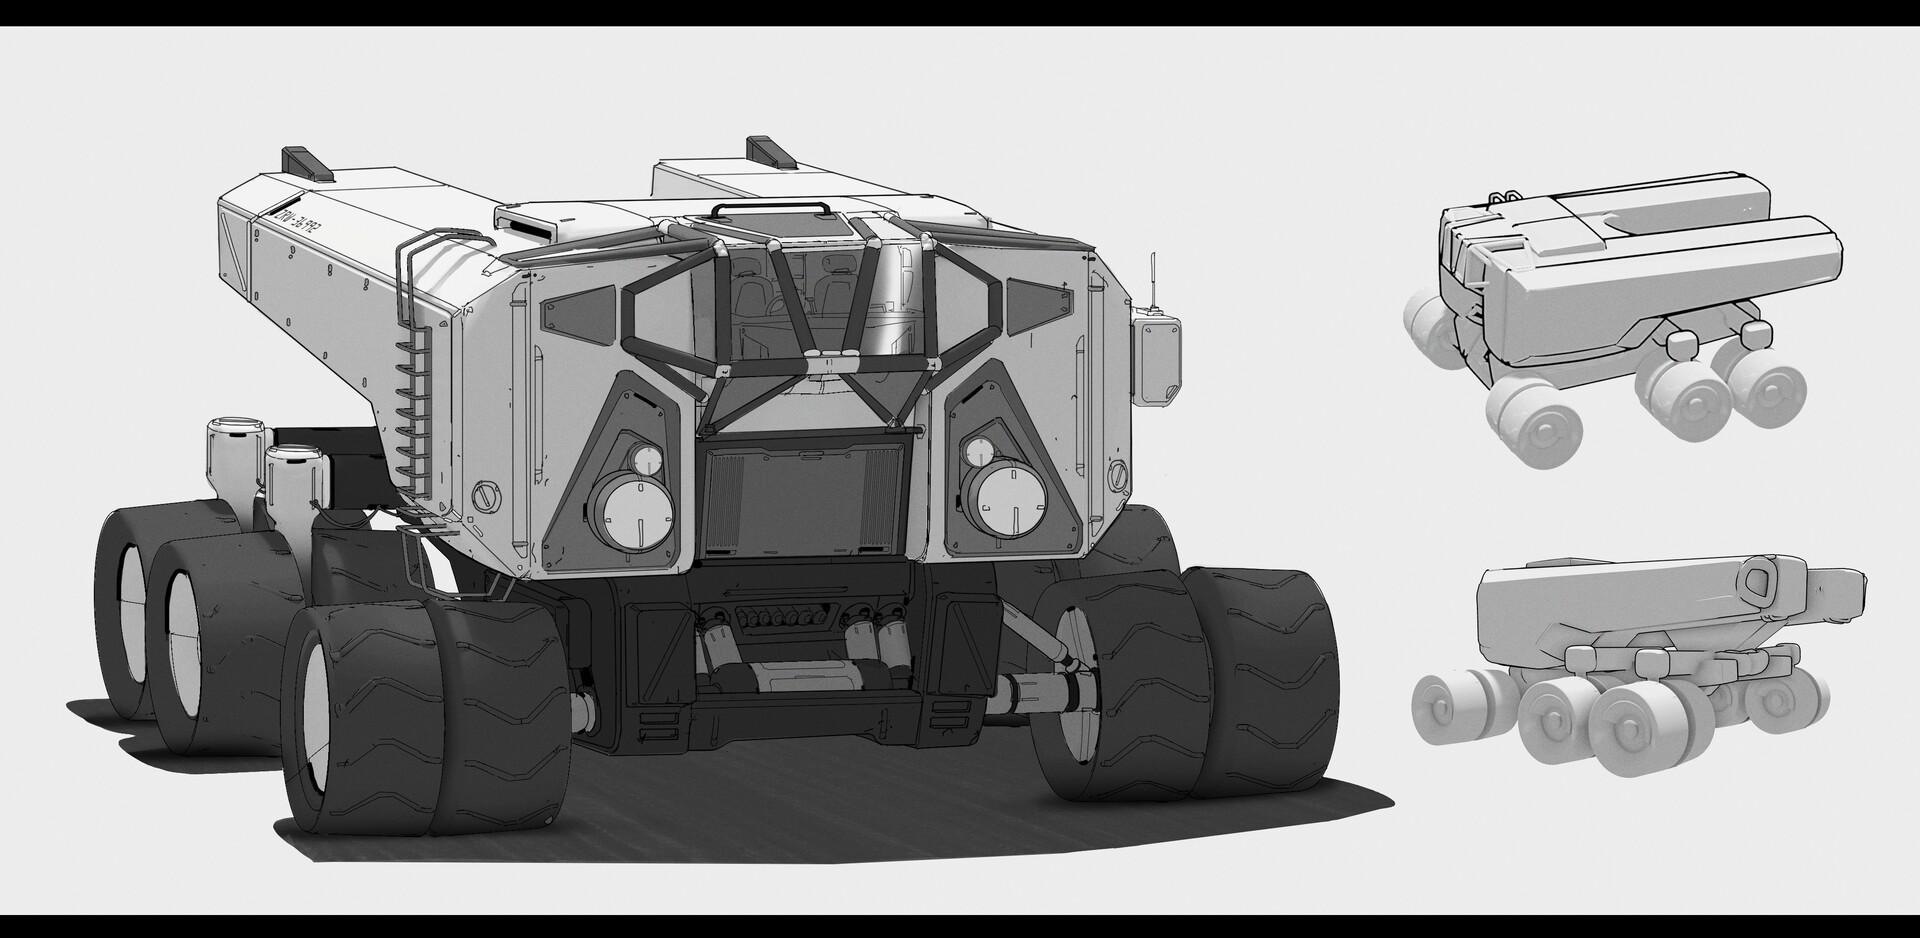 Jx saber vehicle 1 v2